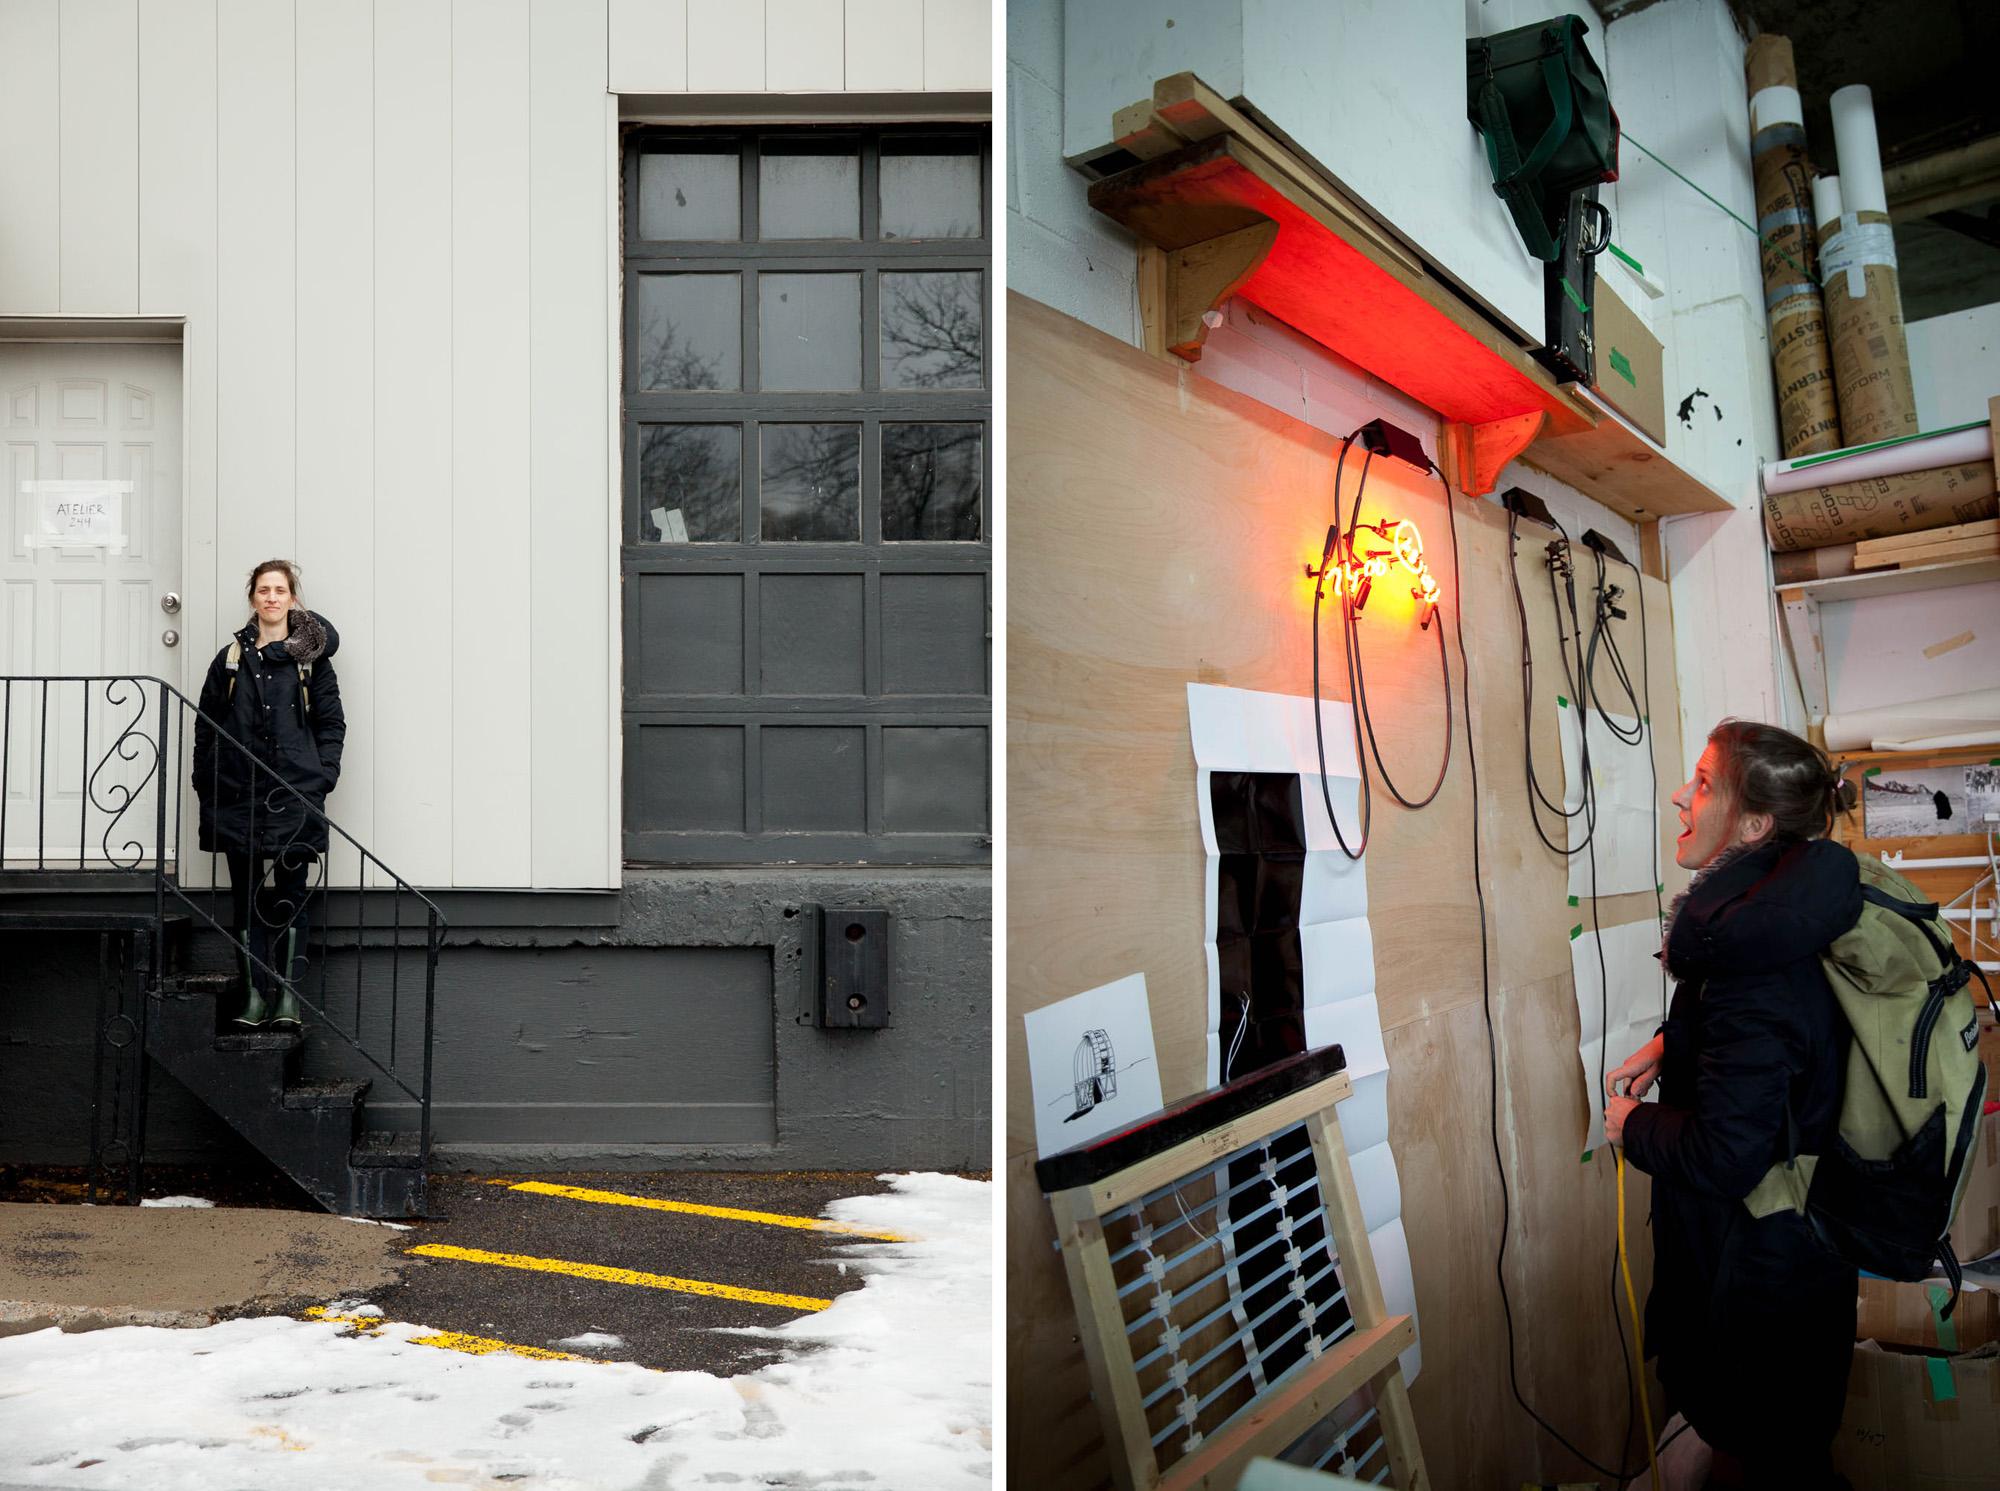 Quebec City studio